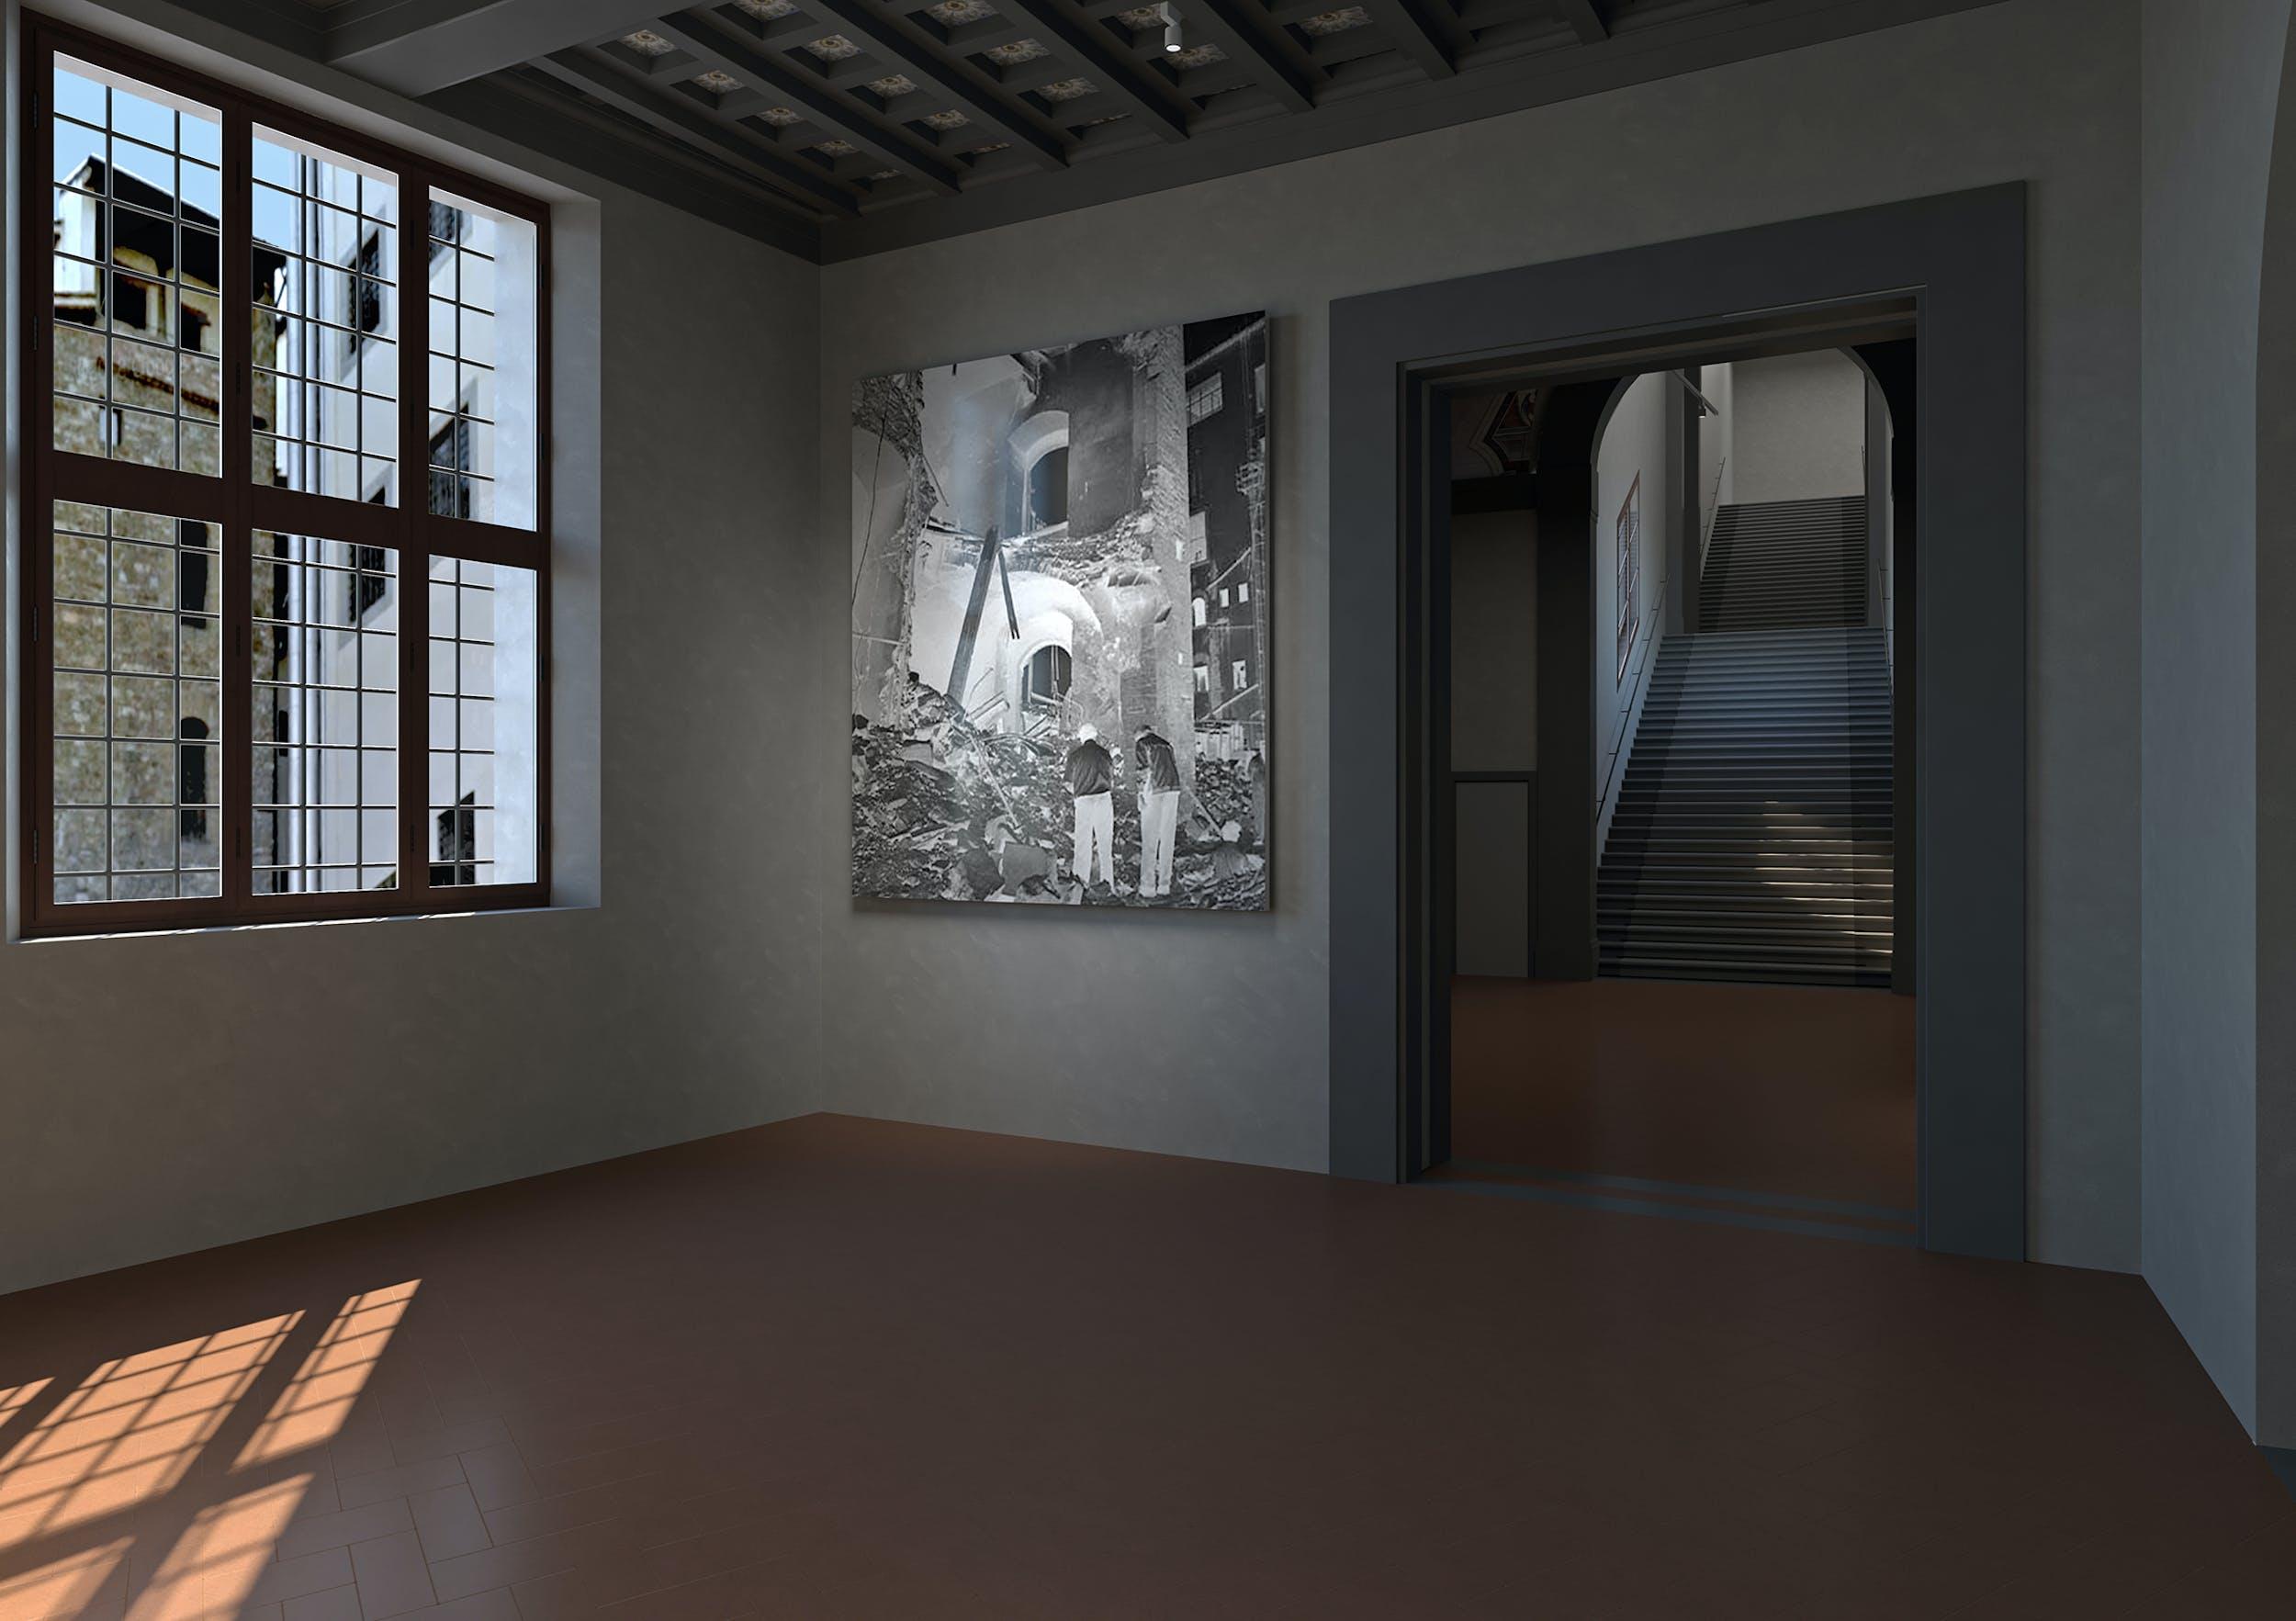 Corridoio Vasariano, rendering memoriale dedicato all'attentato del 1993 di via dei Georgofili